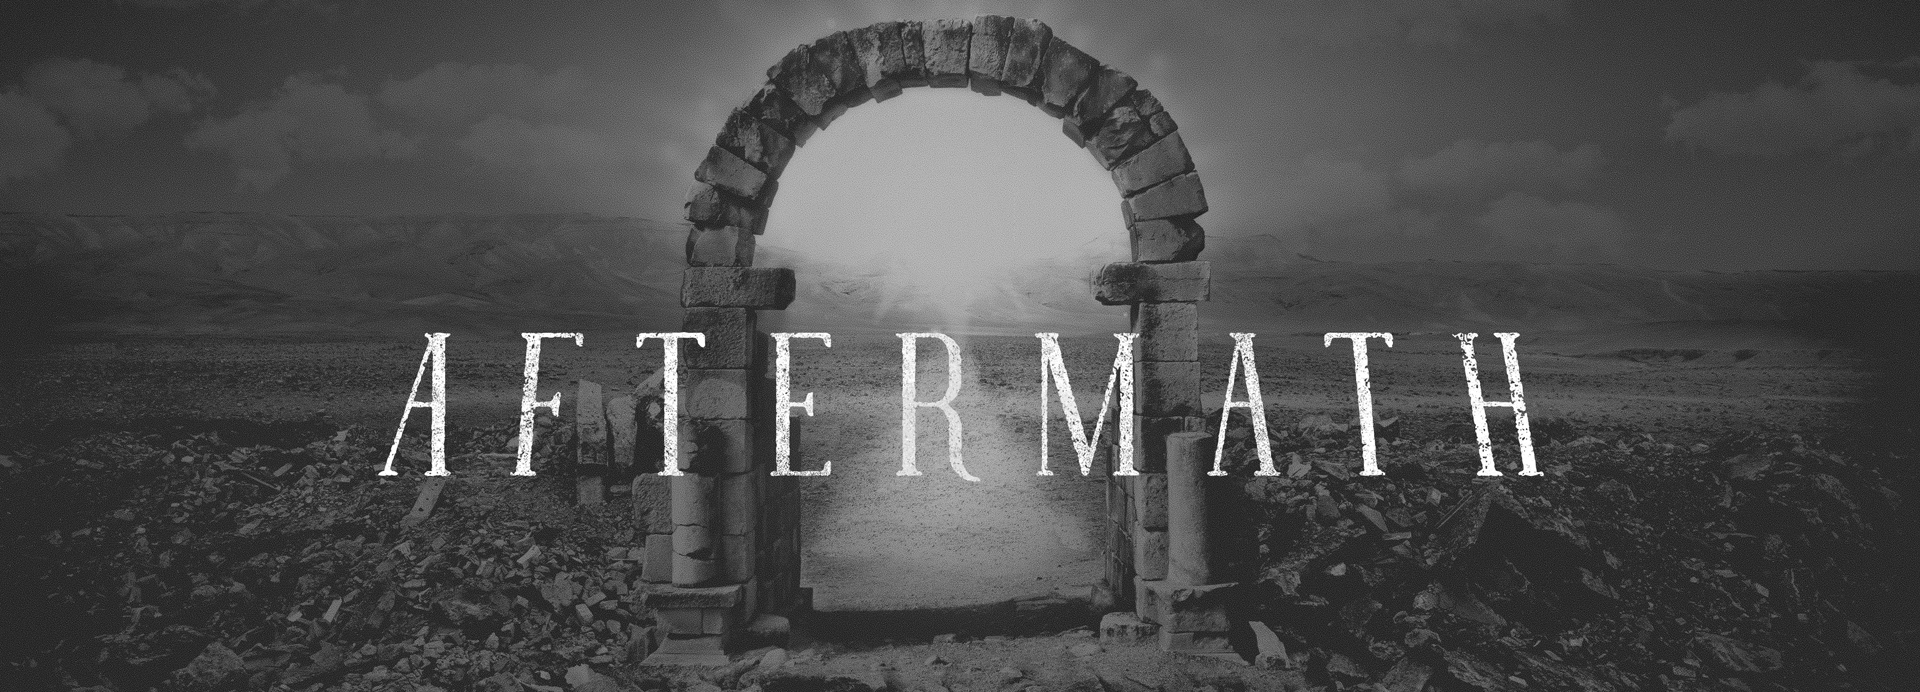 Aftermath_1920x692 (1).jpg